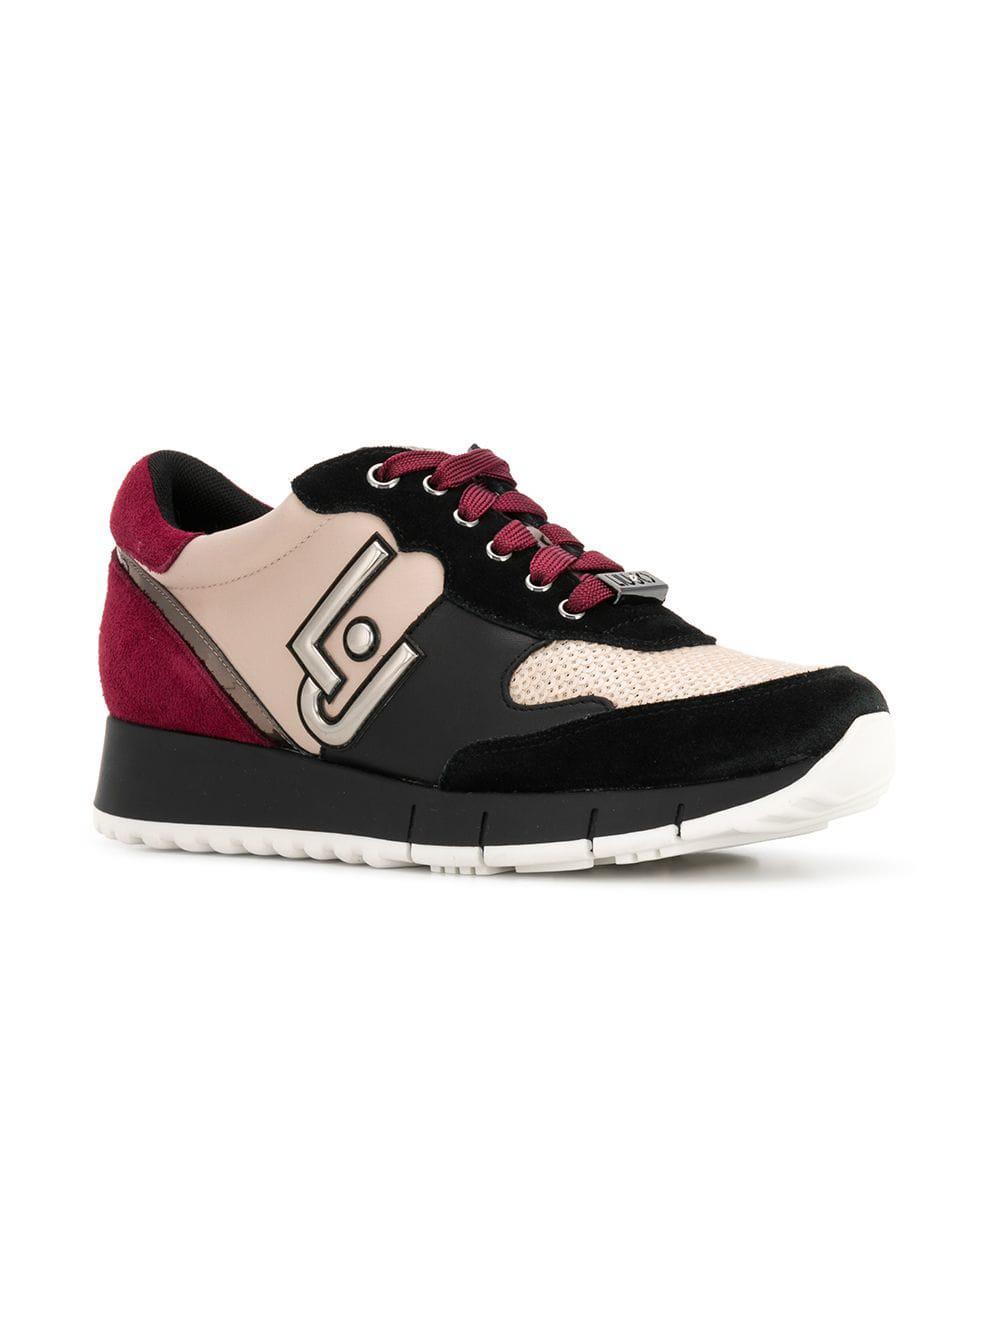 Lyst - Liu Jo Gigi Sneakers in Black 788aa5a0b05